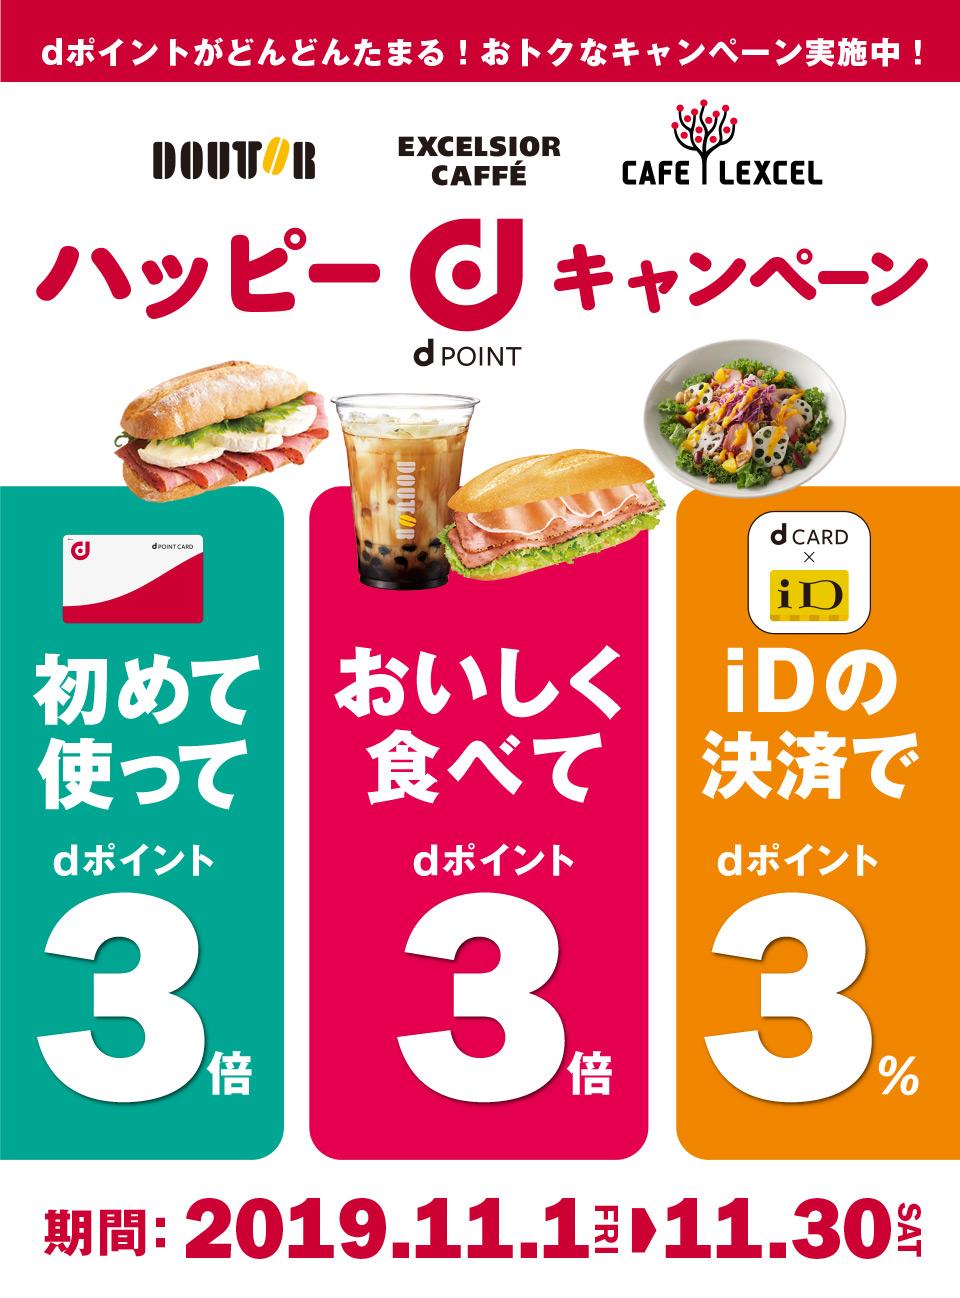 「初めて使ってdポイント3倍」と「おいしく食べてdポイント3倍」、「iDの決済でdポイント3%」